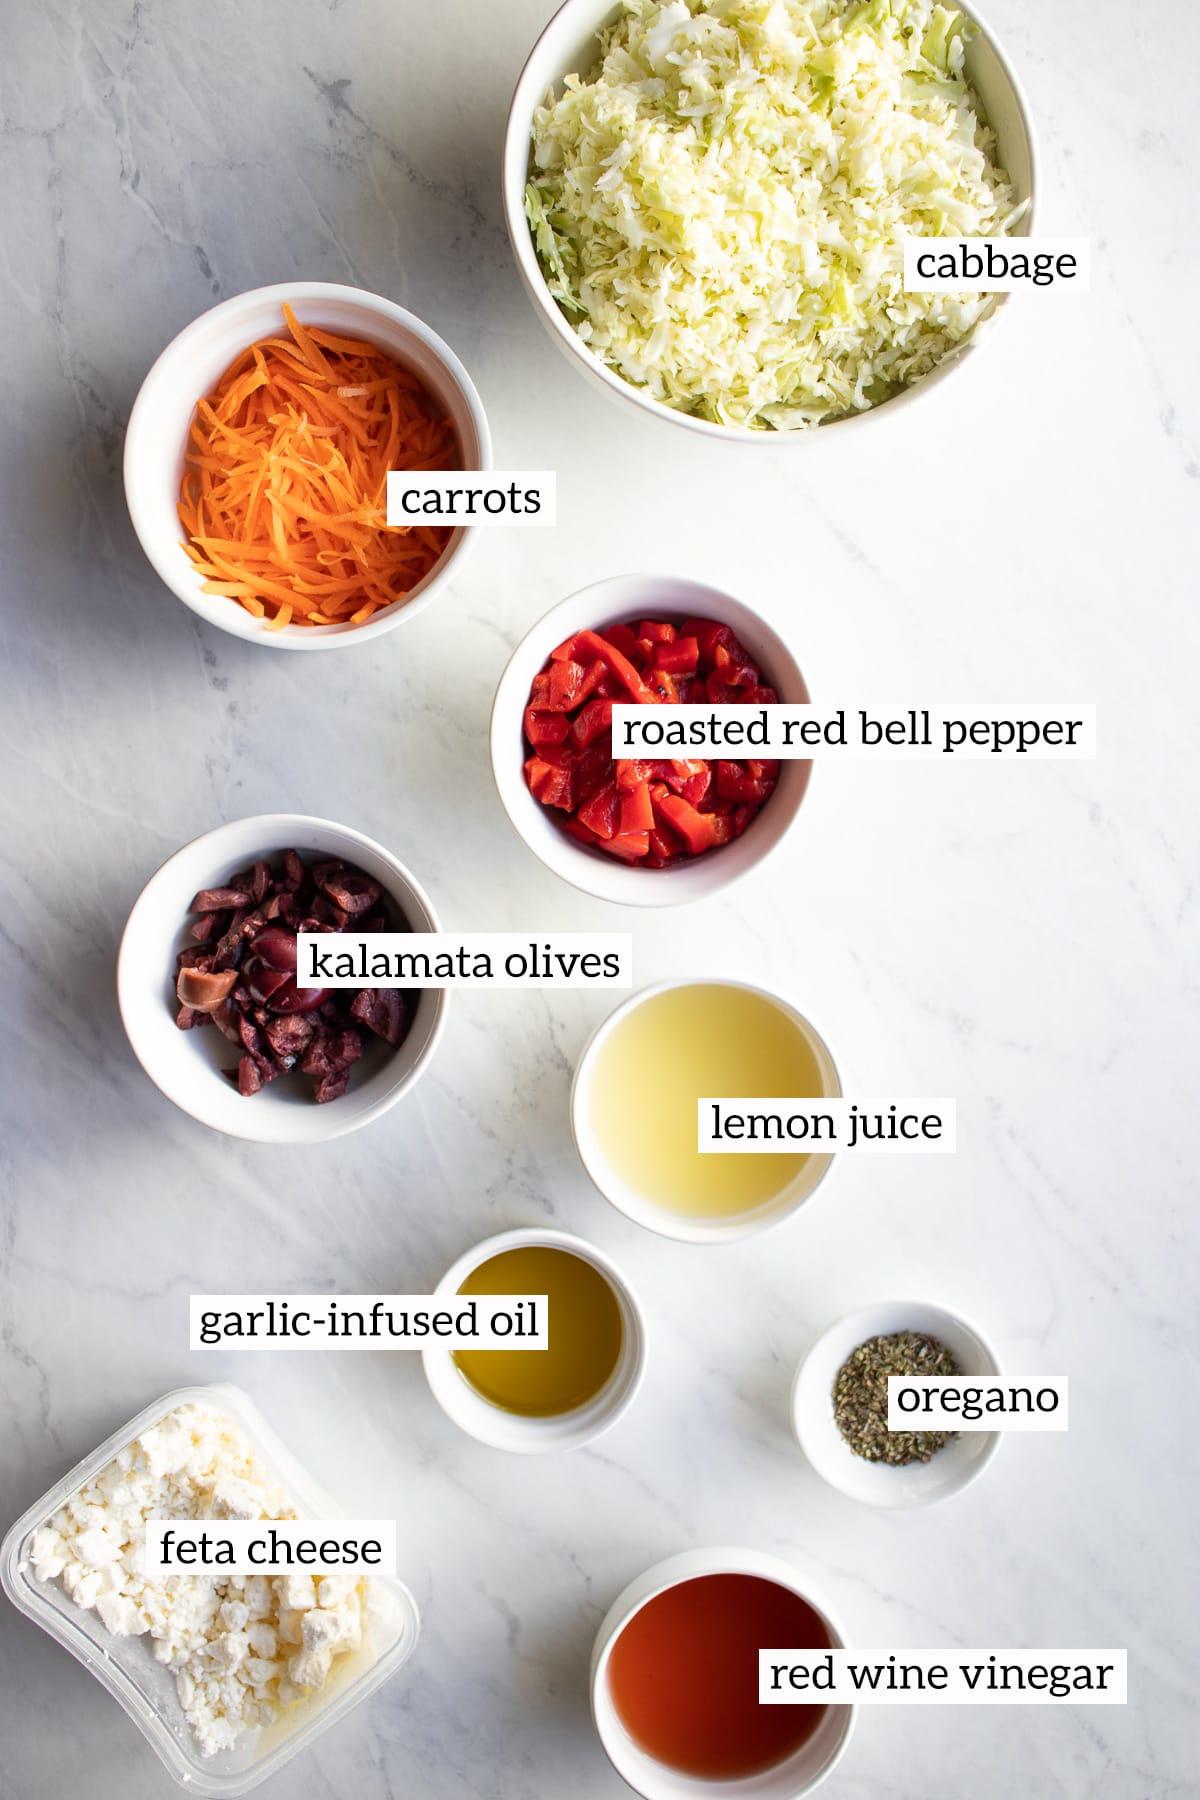 is coleslaw good for fodmap diet